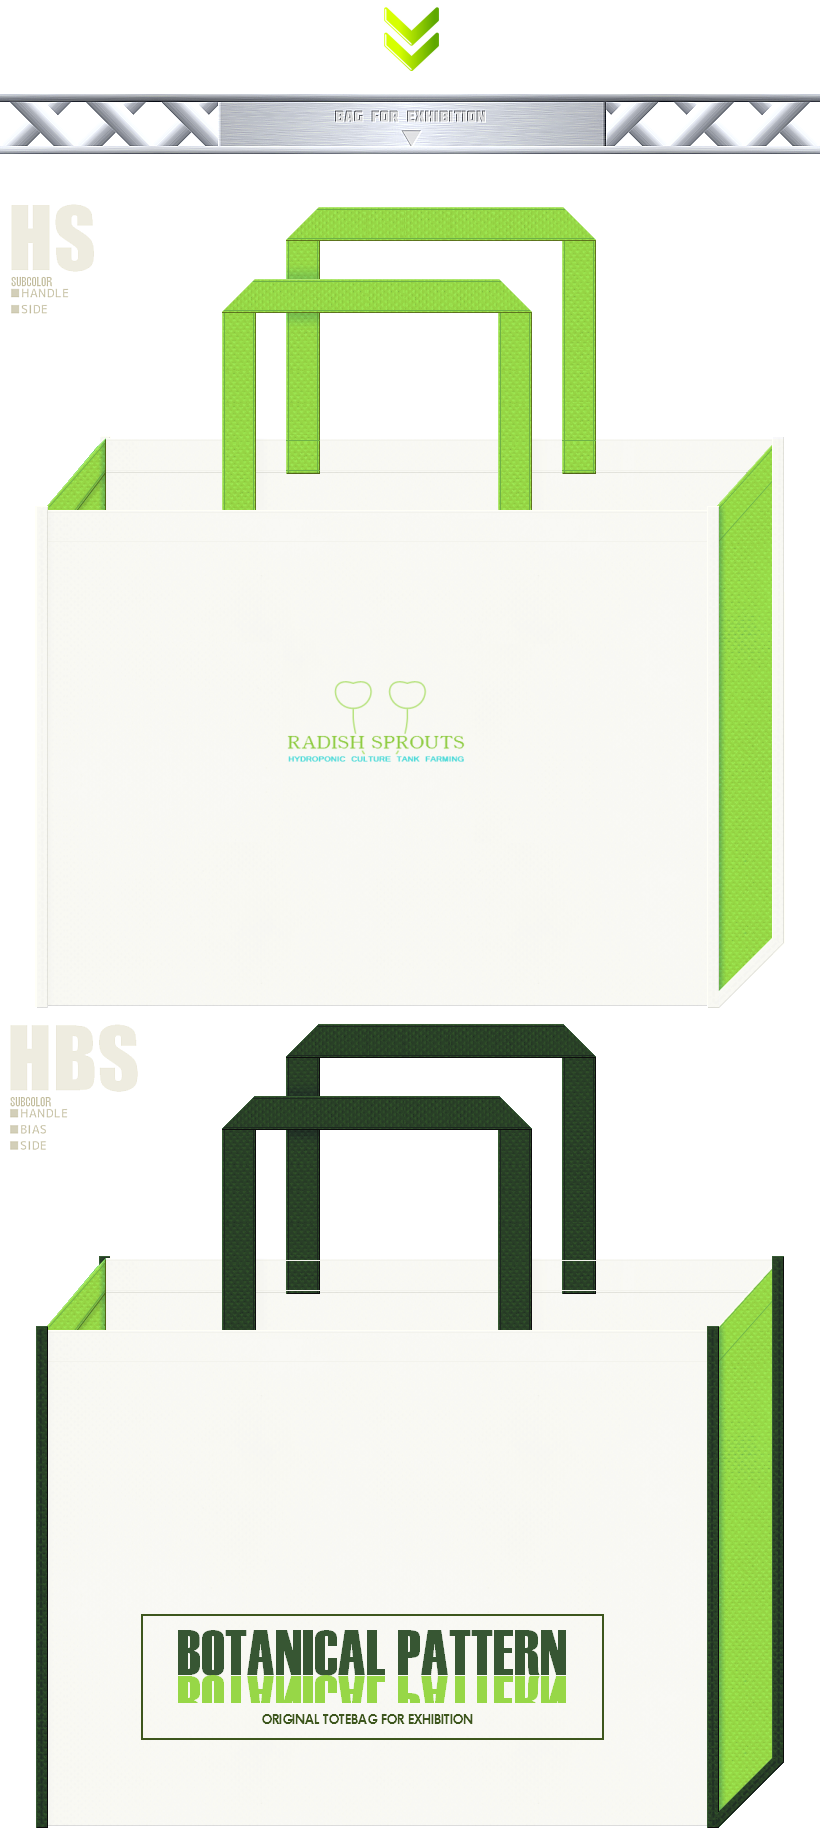 オフホワイト色と黄緑色と濃緑色の不織布バッグデザイン:カイワレ大根・水耕栽培・ボタニカルな配色の展示会用バッグ